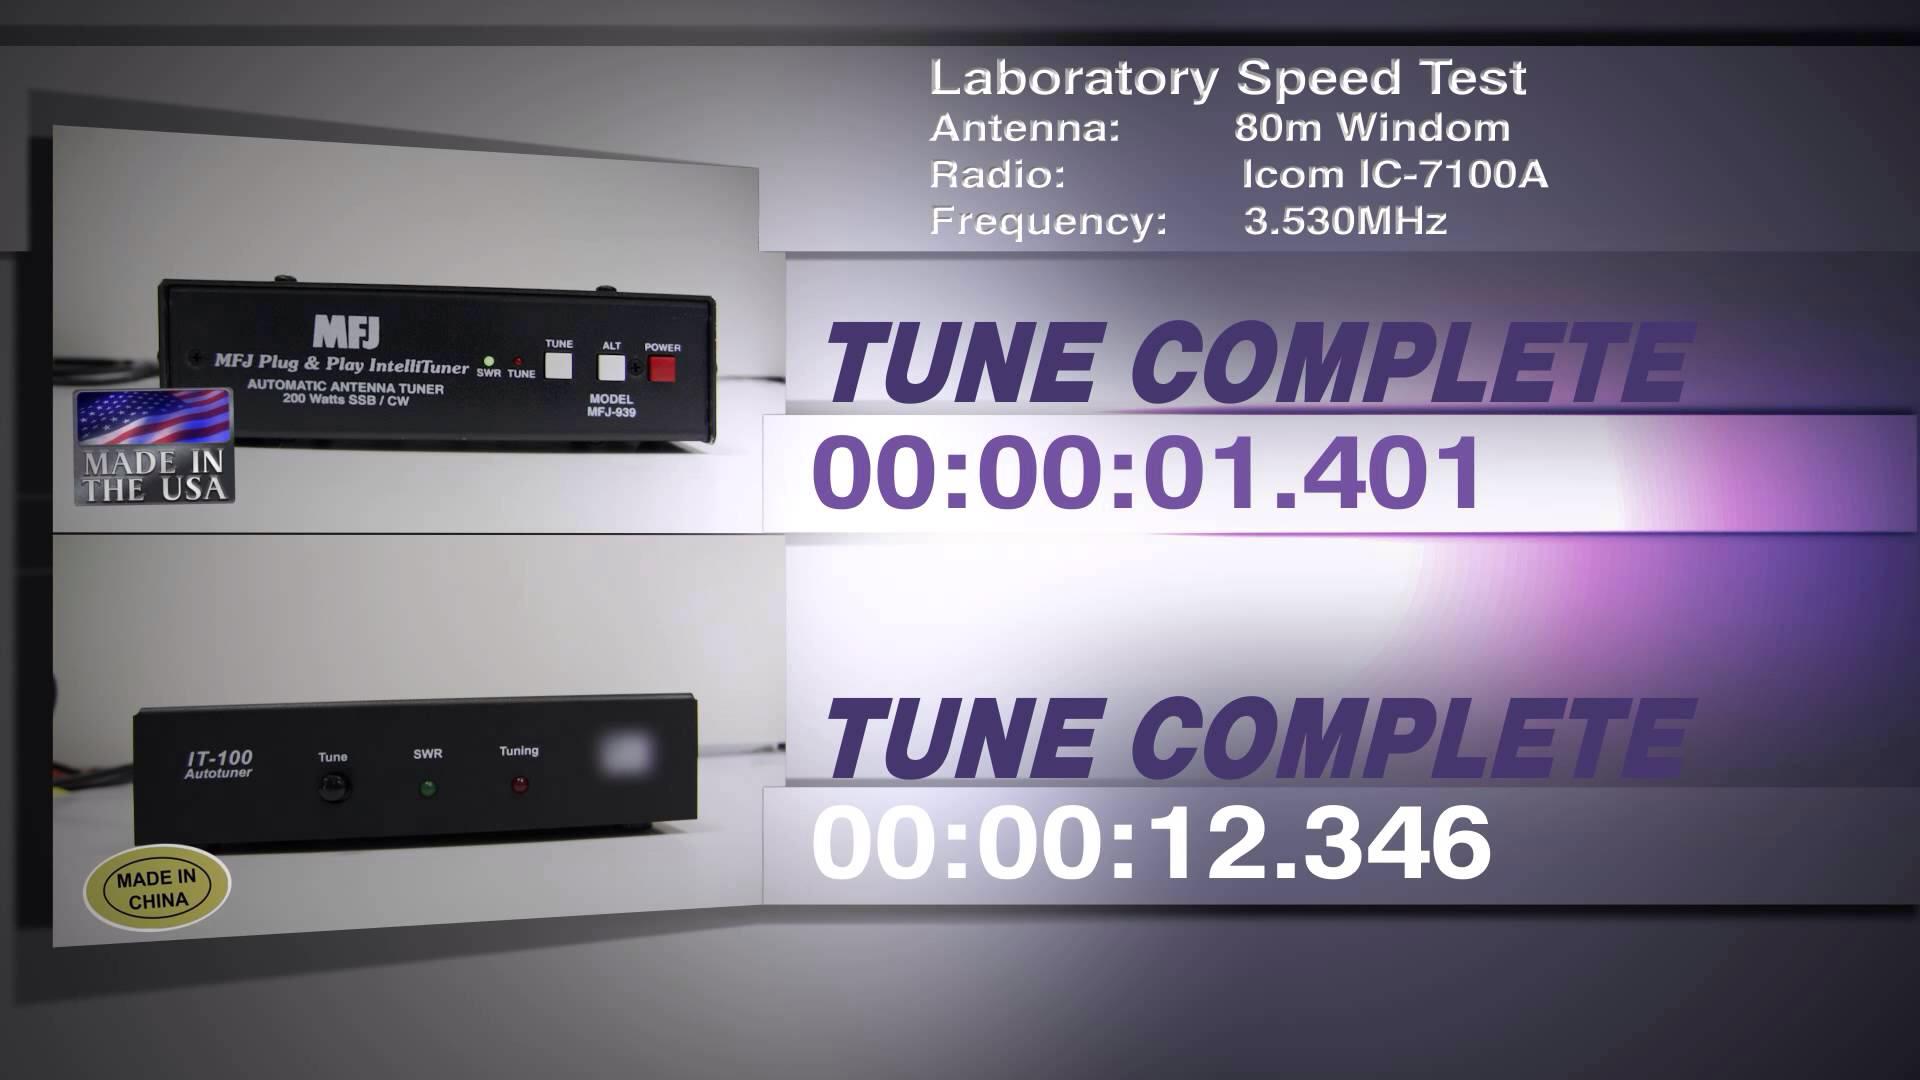 Yaesu FT-991a Transceiver: Yaesu-FT-991 and EXT ATU, better